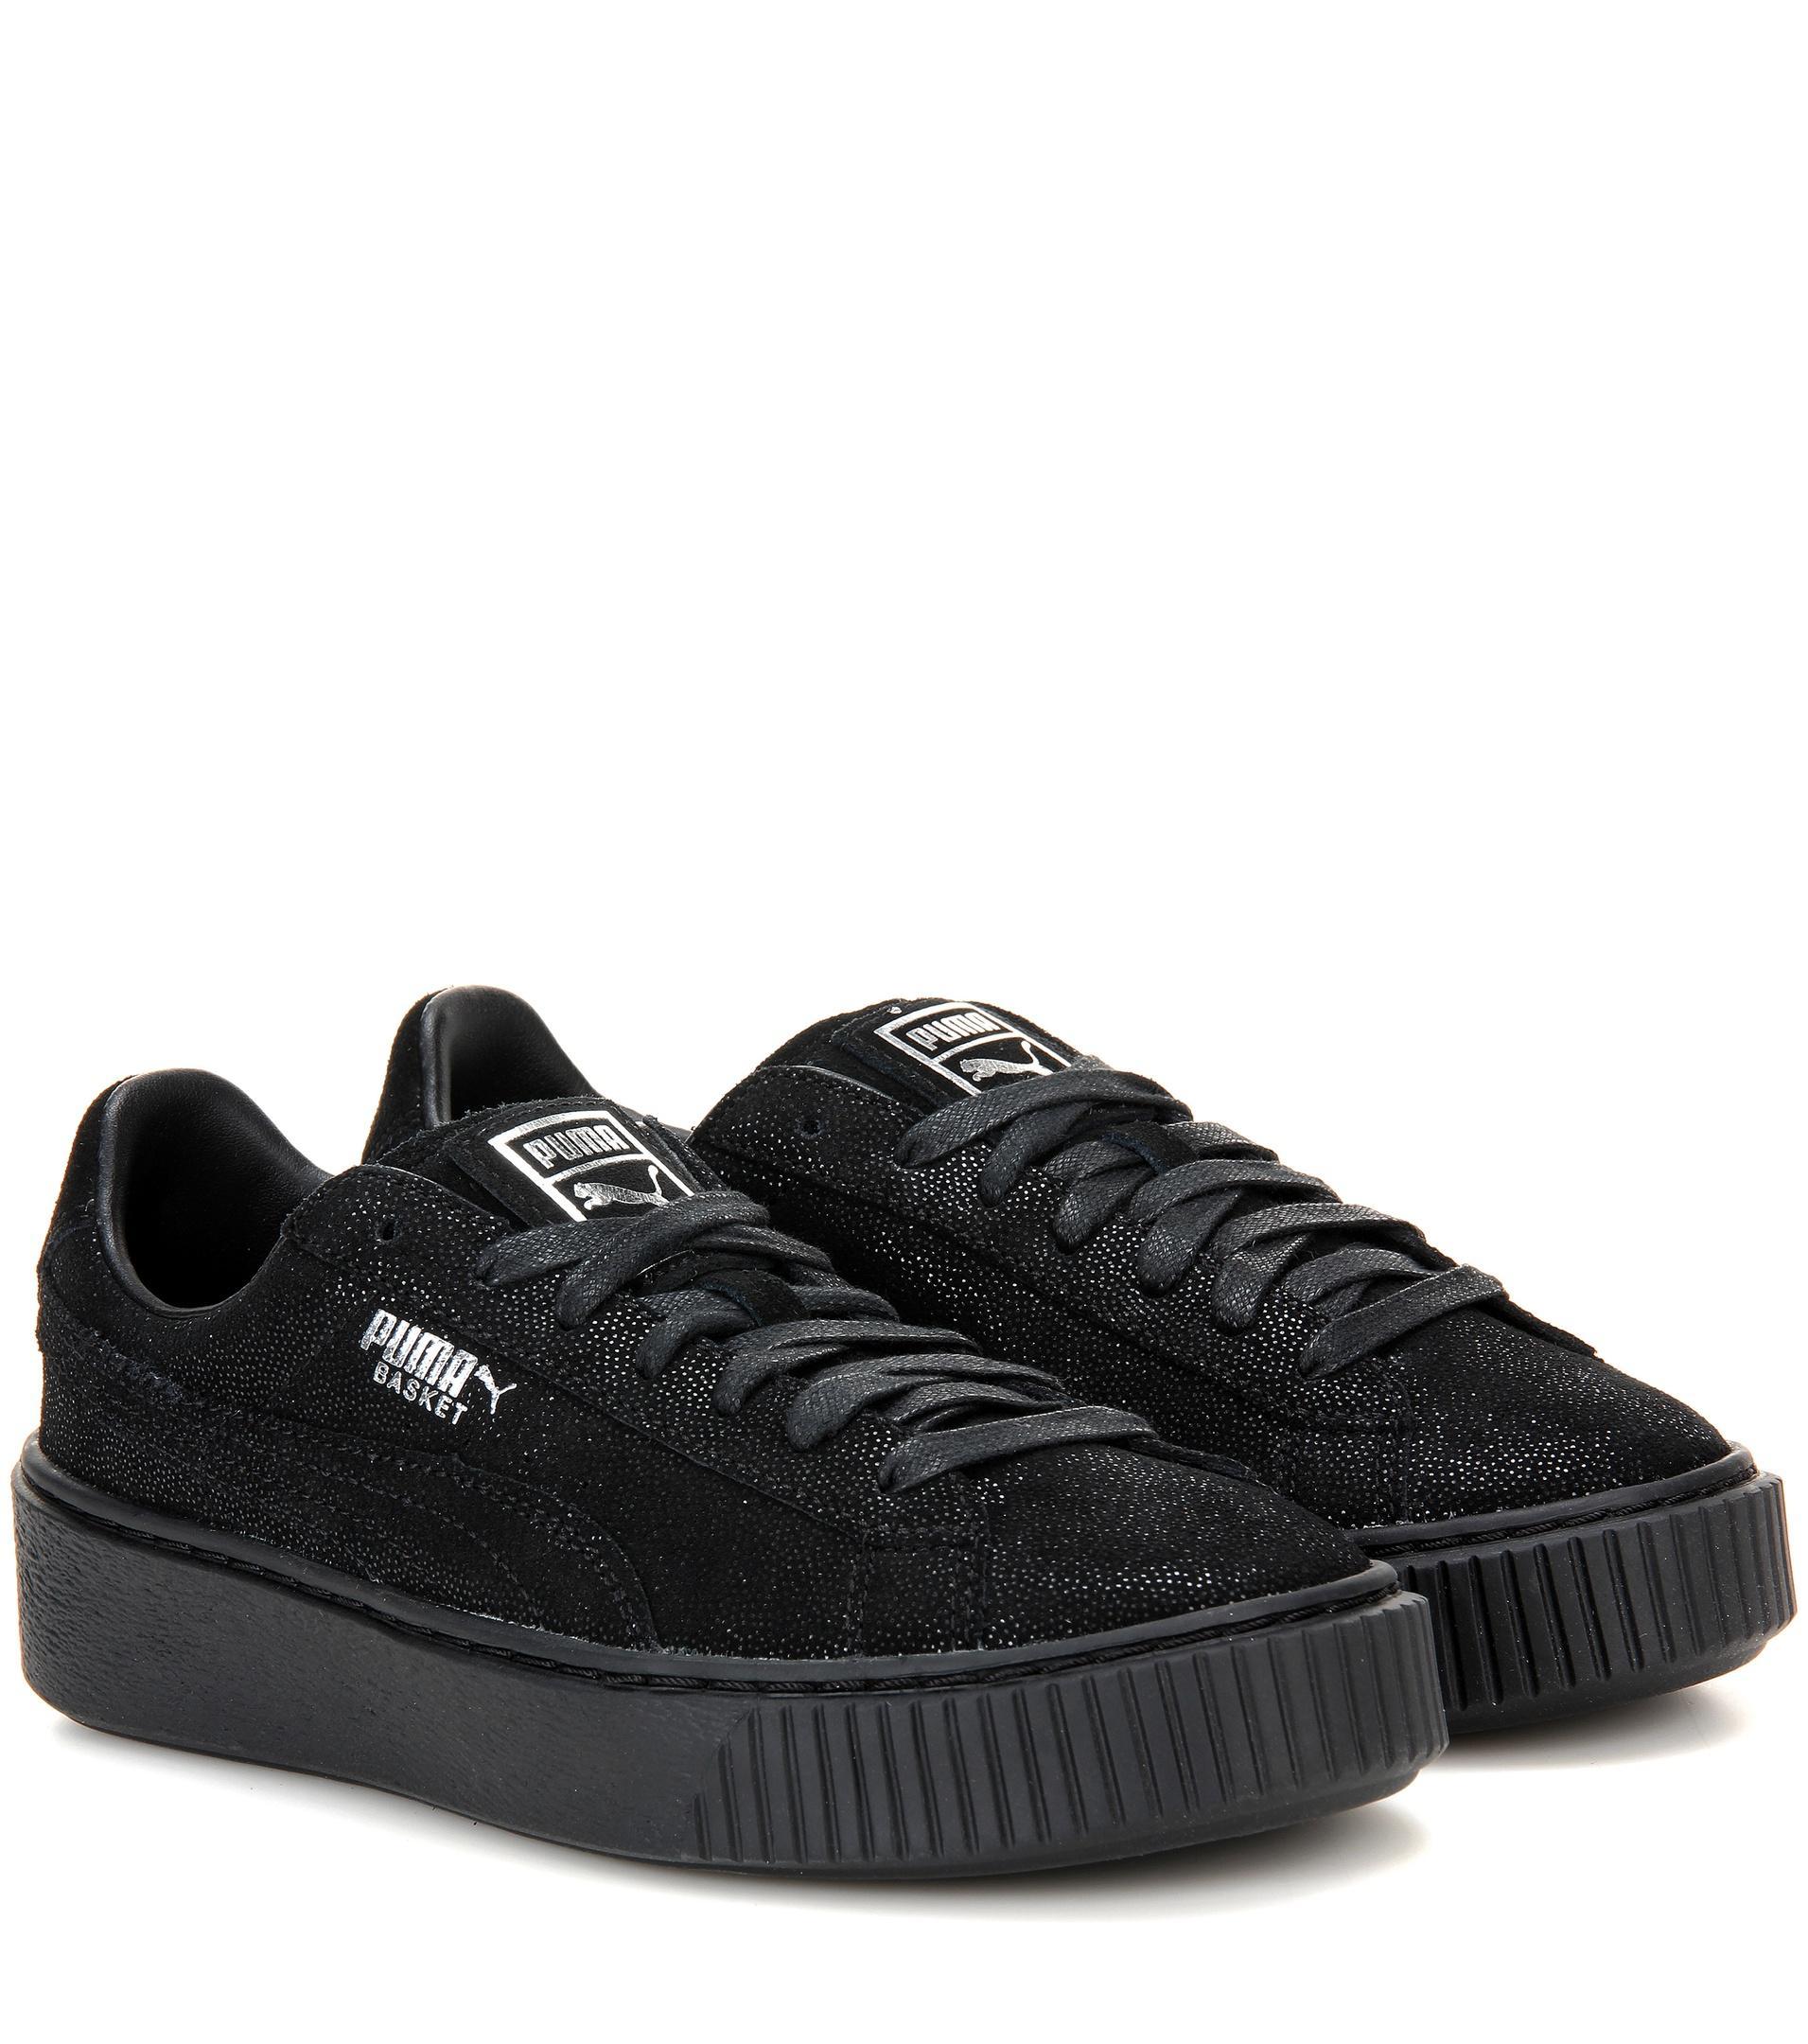 puma basket platform reset suede sneakers in black lyst. Black Bedroom Furniture Sets. Home Design Ideas